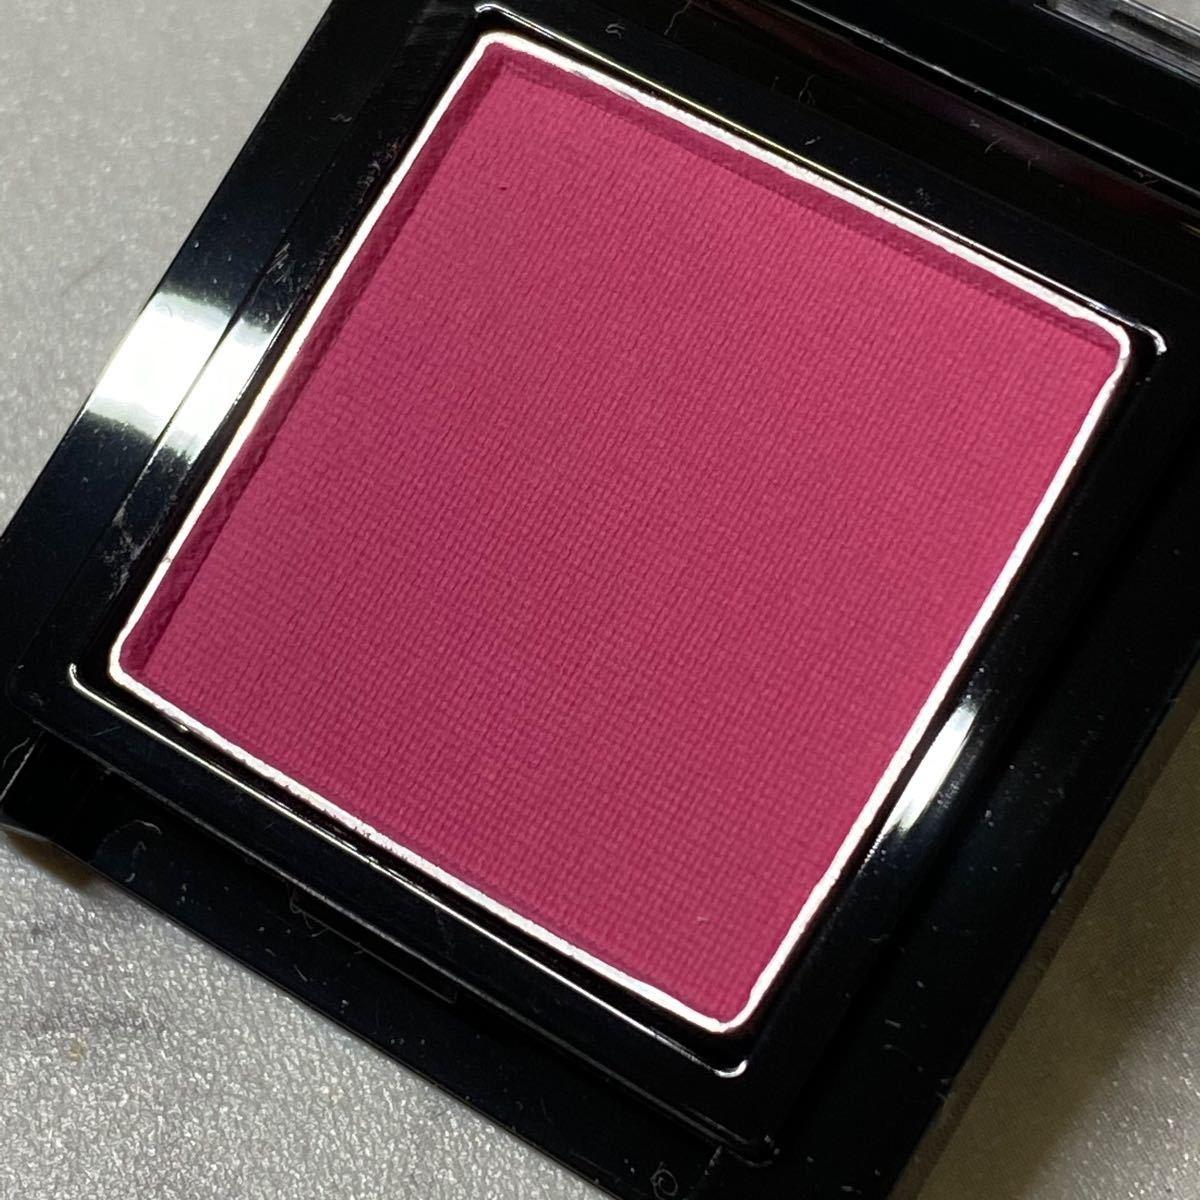 新品未使用 Visse AVANT ヴィセ アヴァン シングルアイカラー 6色セット